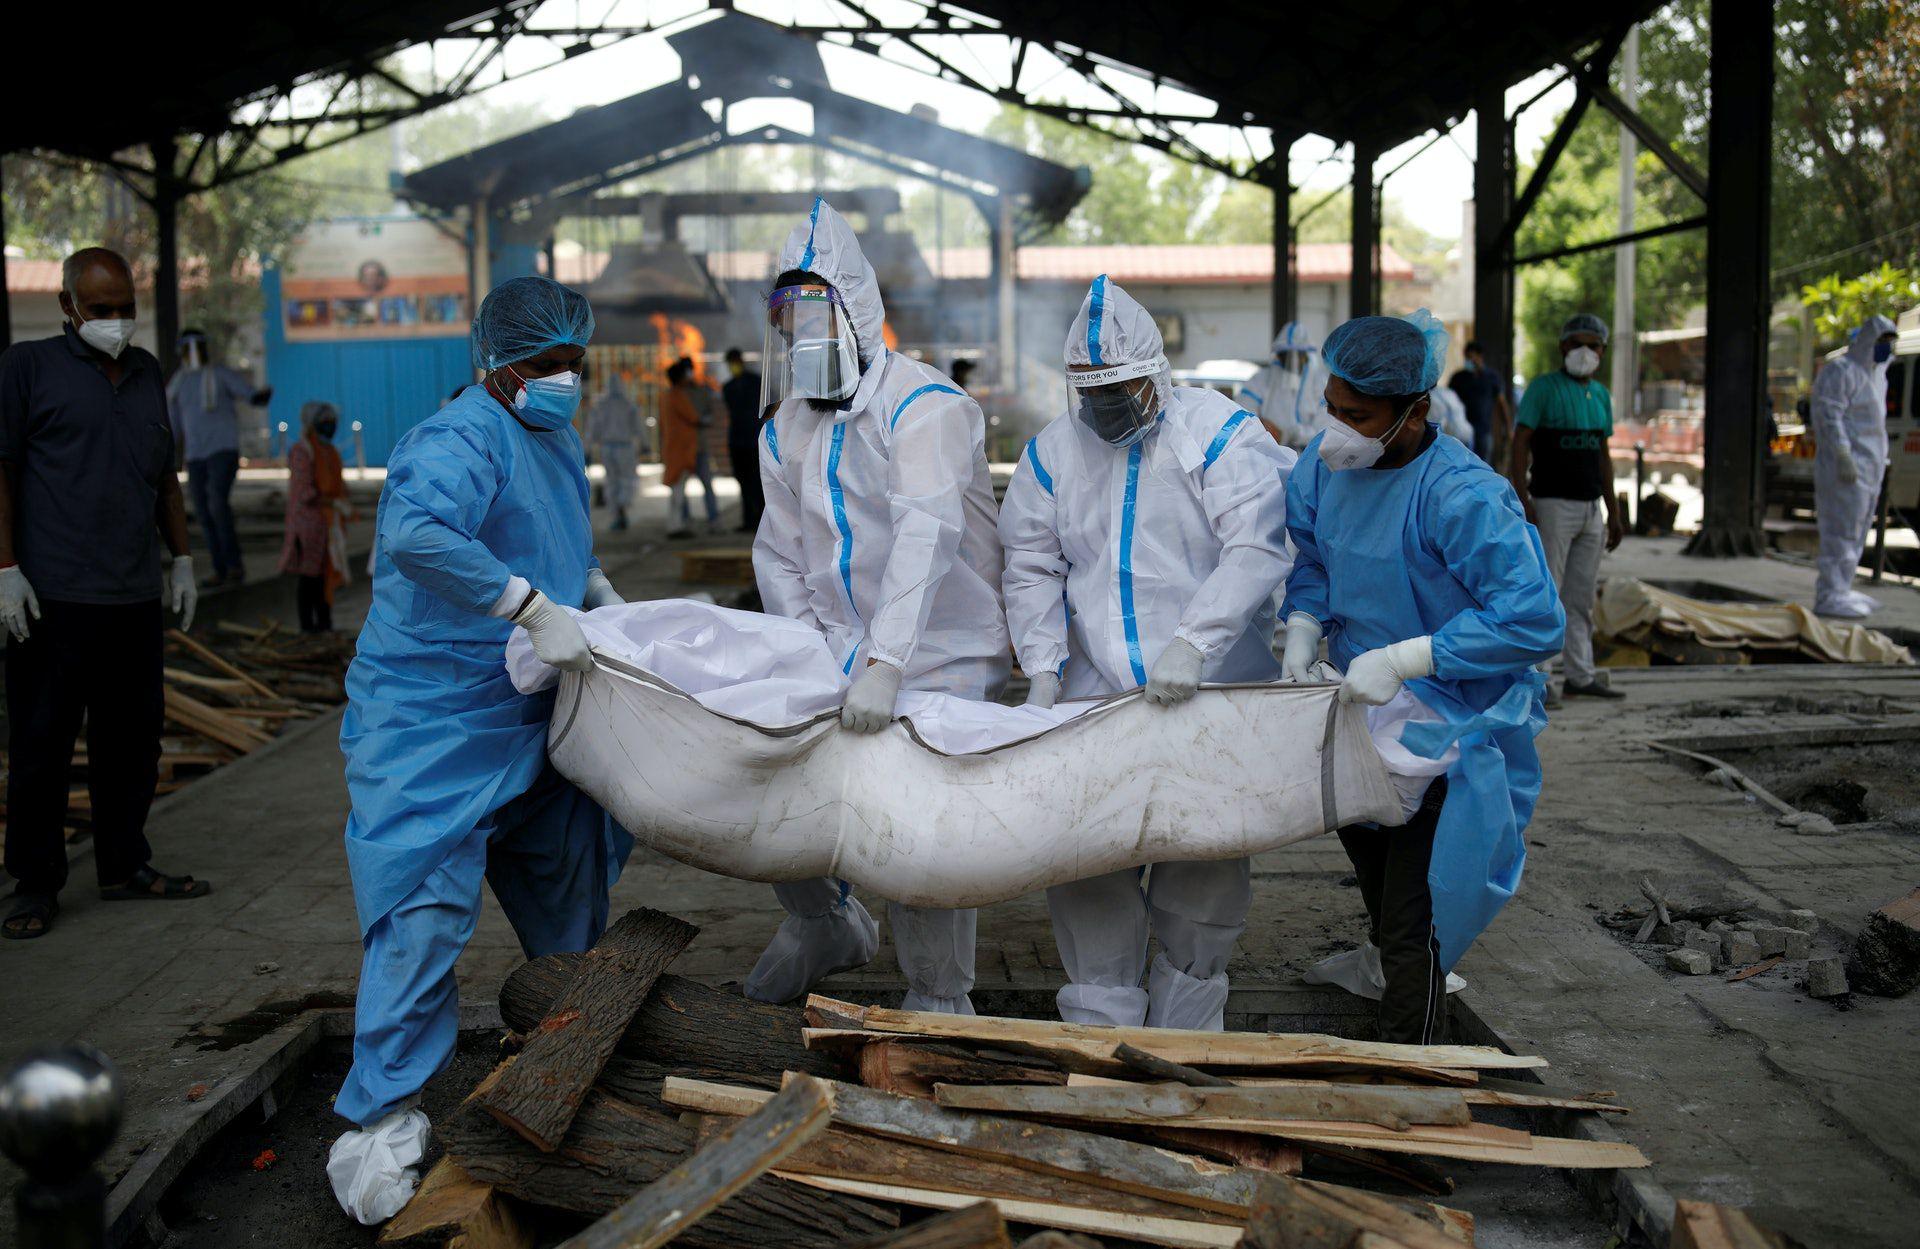 印度影星发推称抗疫物资在华遇阻,中国驻印大使澄清(组图)